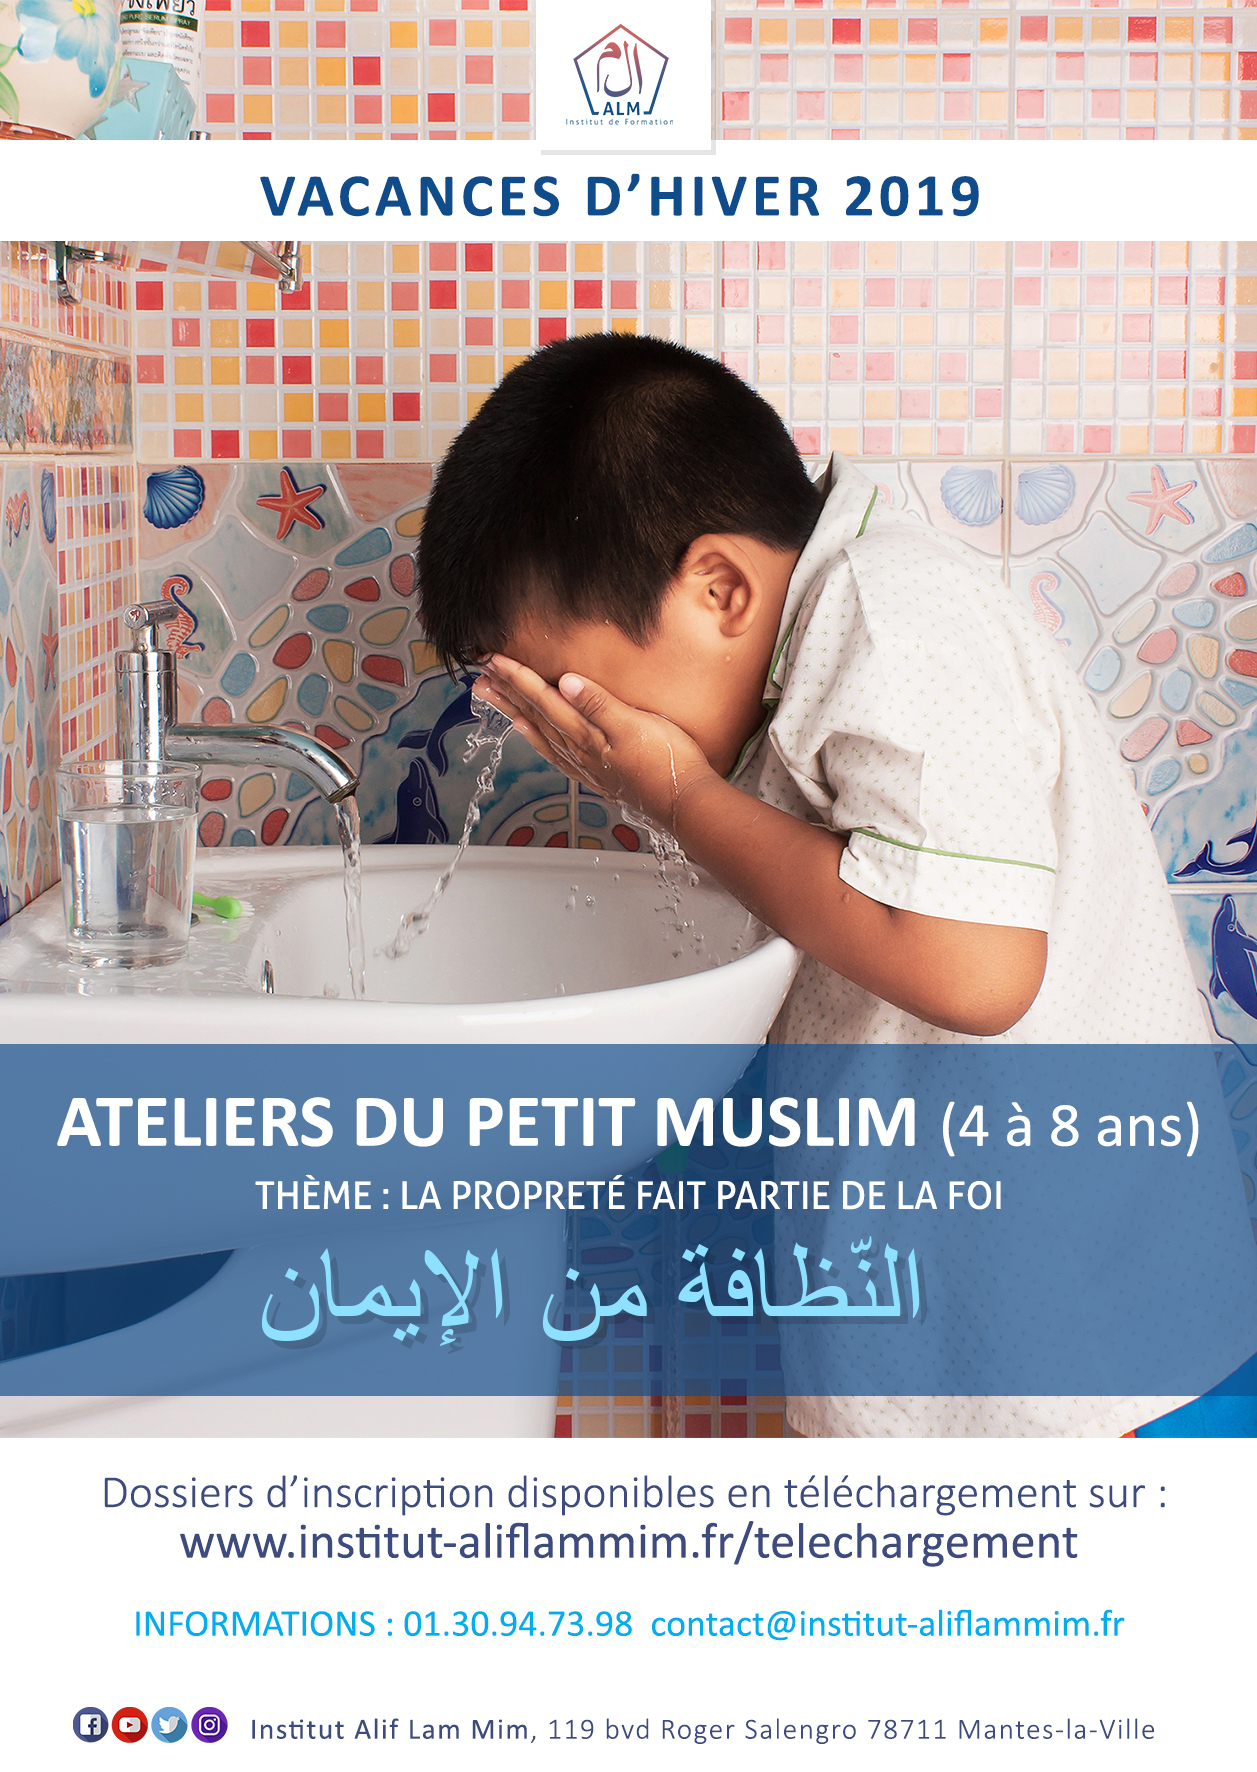 Ateliers petit muslim vacances d'hiver